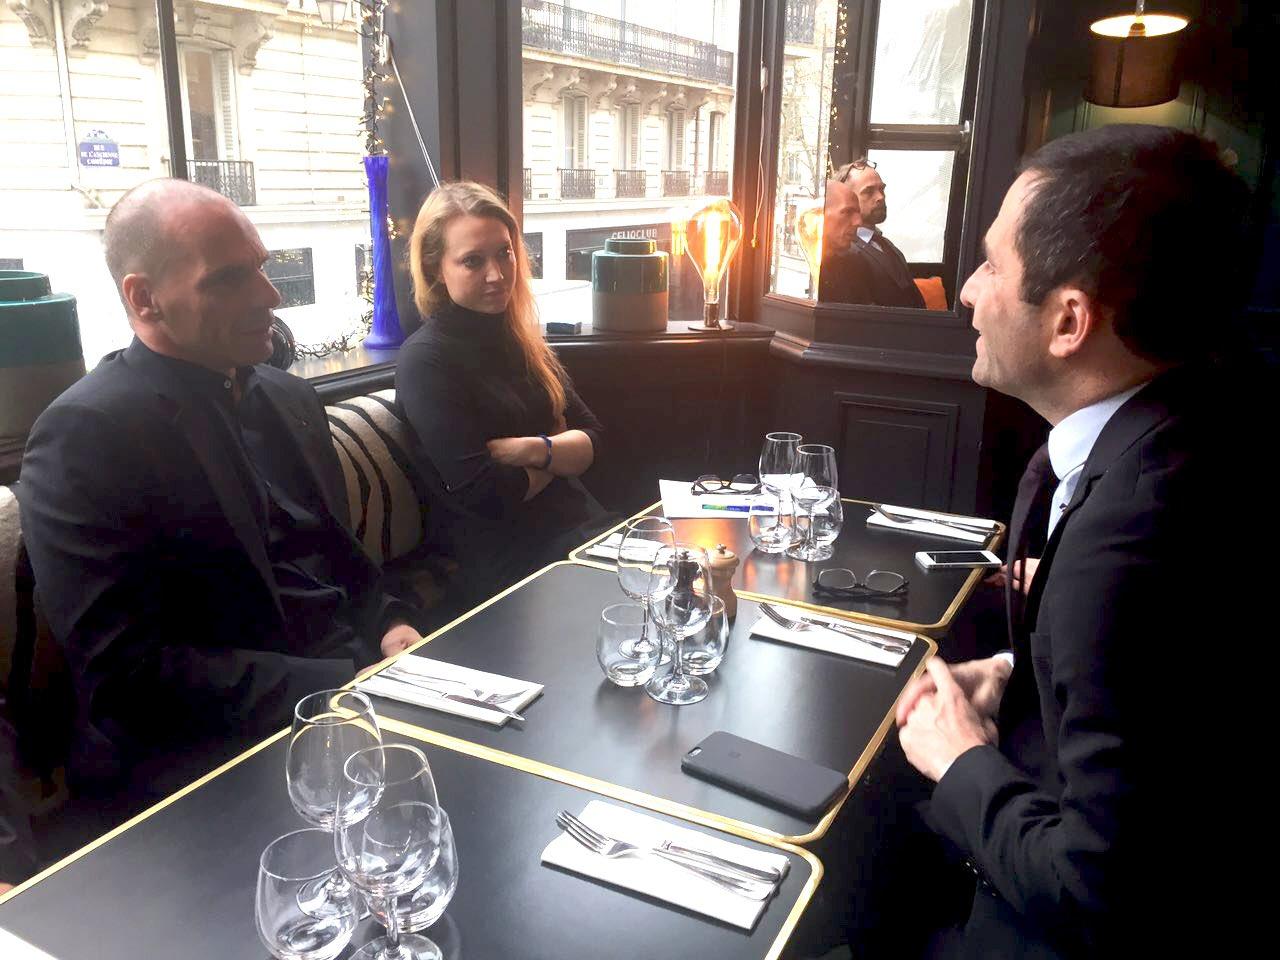 Benoît Hamon and Yanis Varoufakis